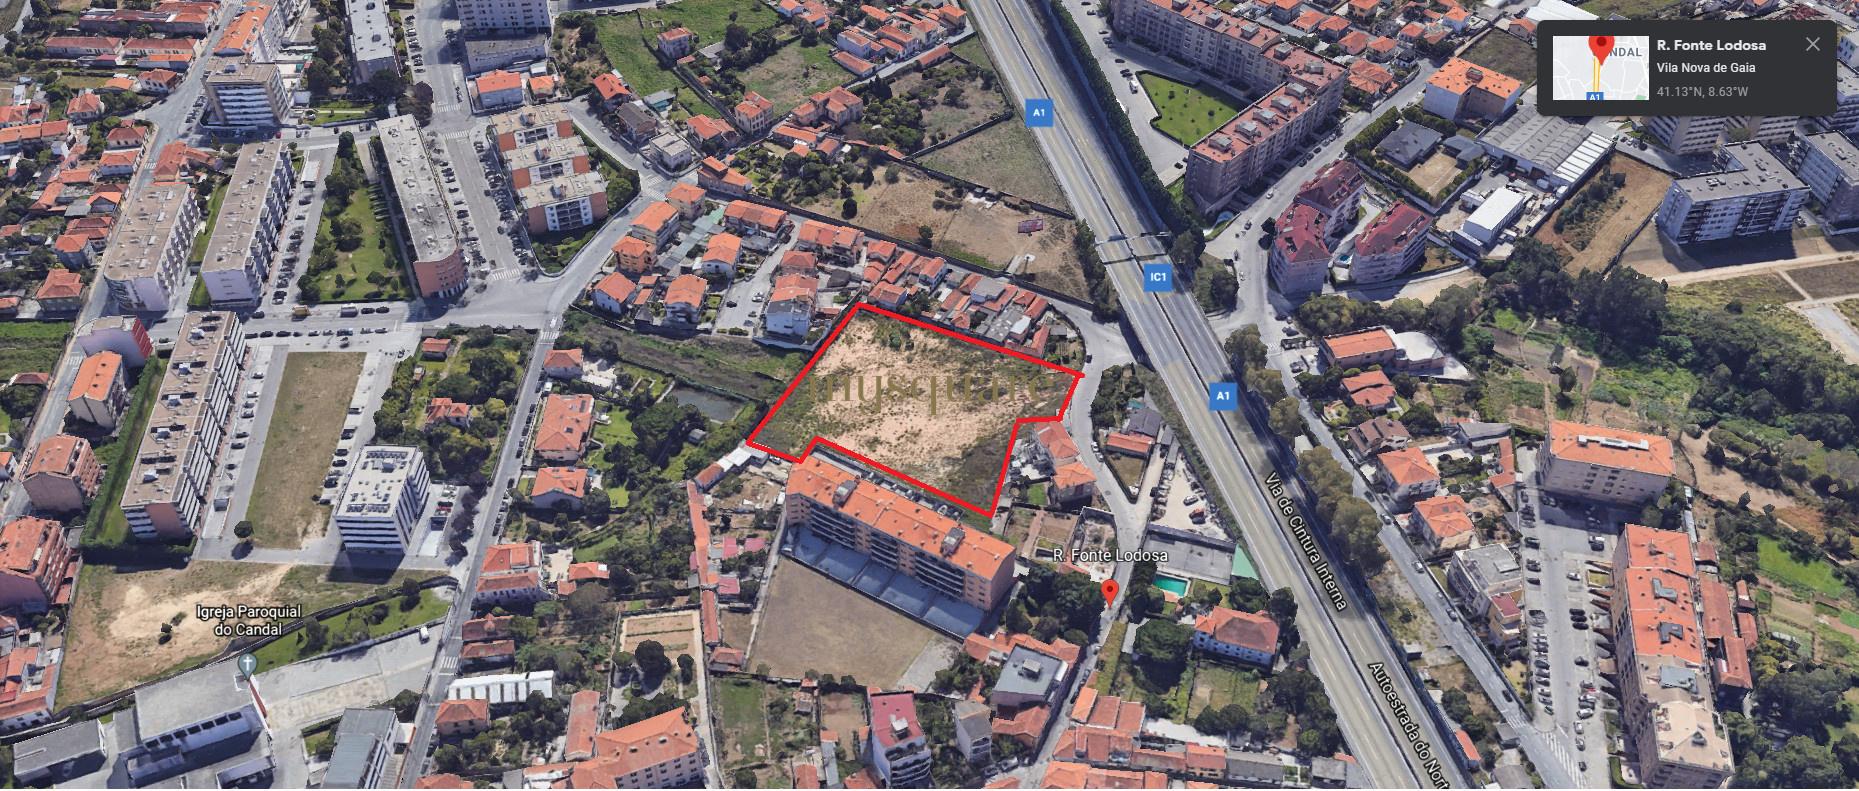 Construção em altura de 17091m2 a 2 min do acesso à A1, Santa Marinha em Vila Nova de Gaia